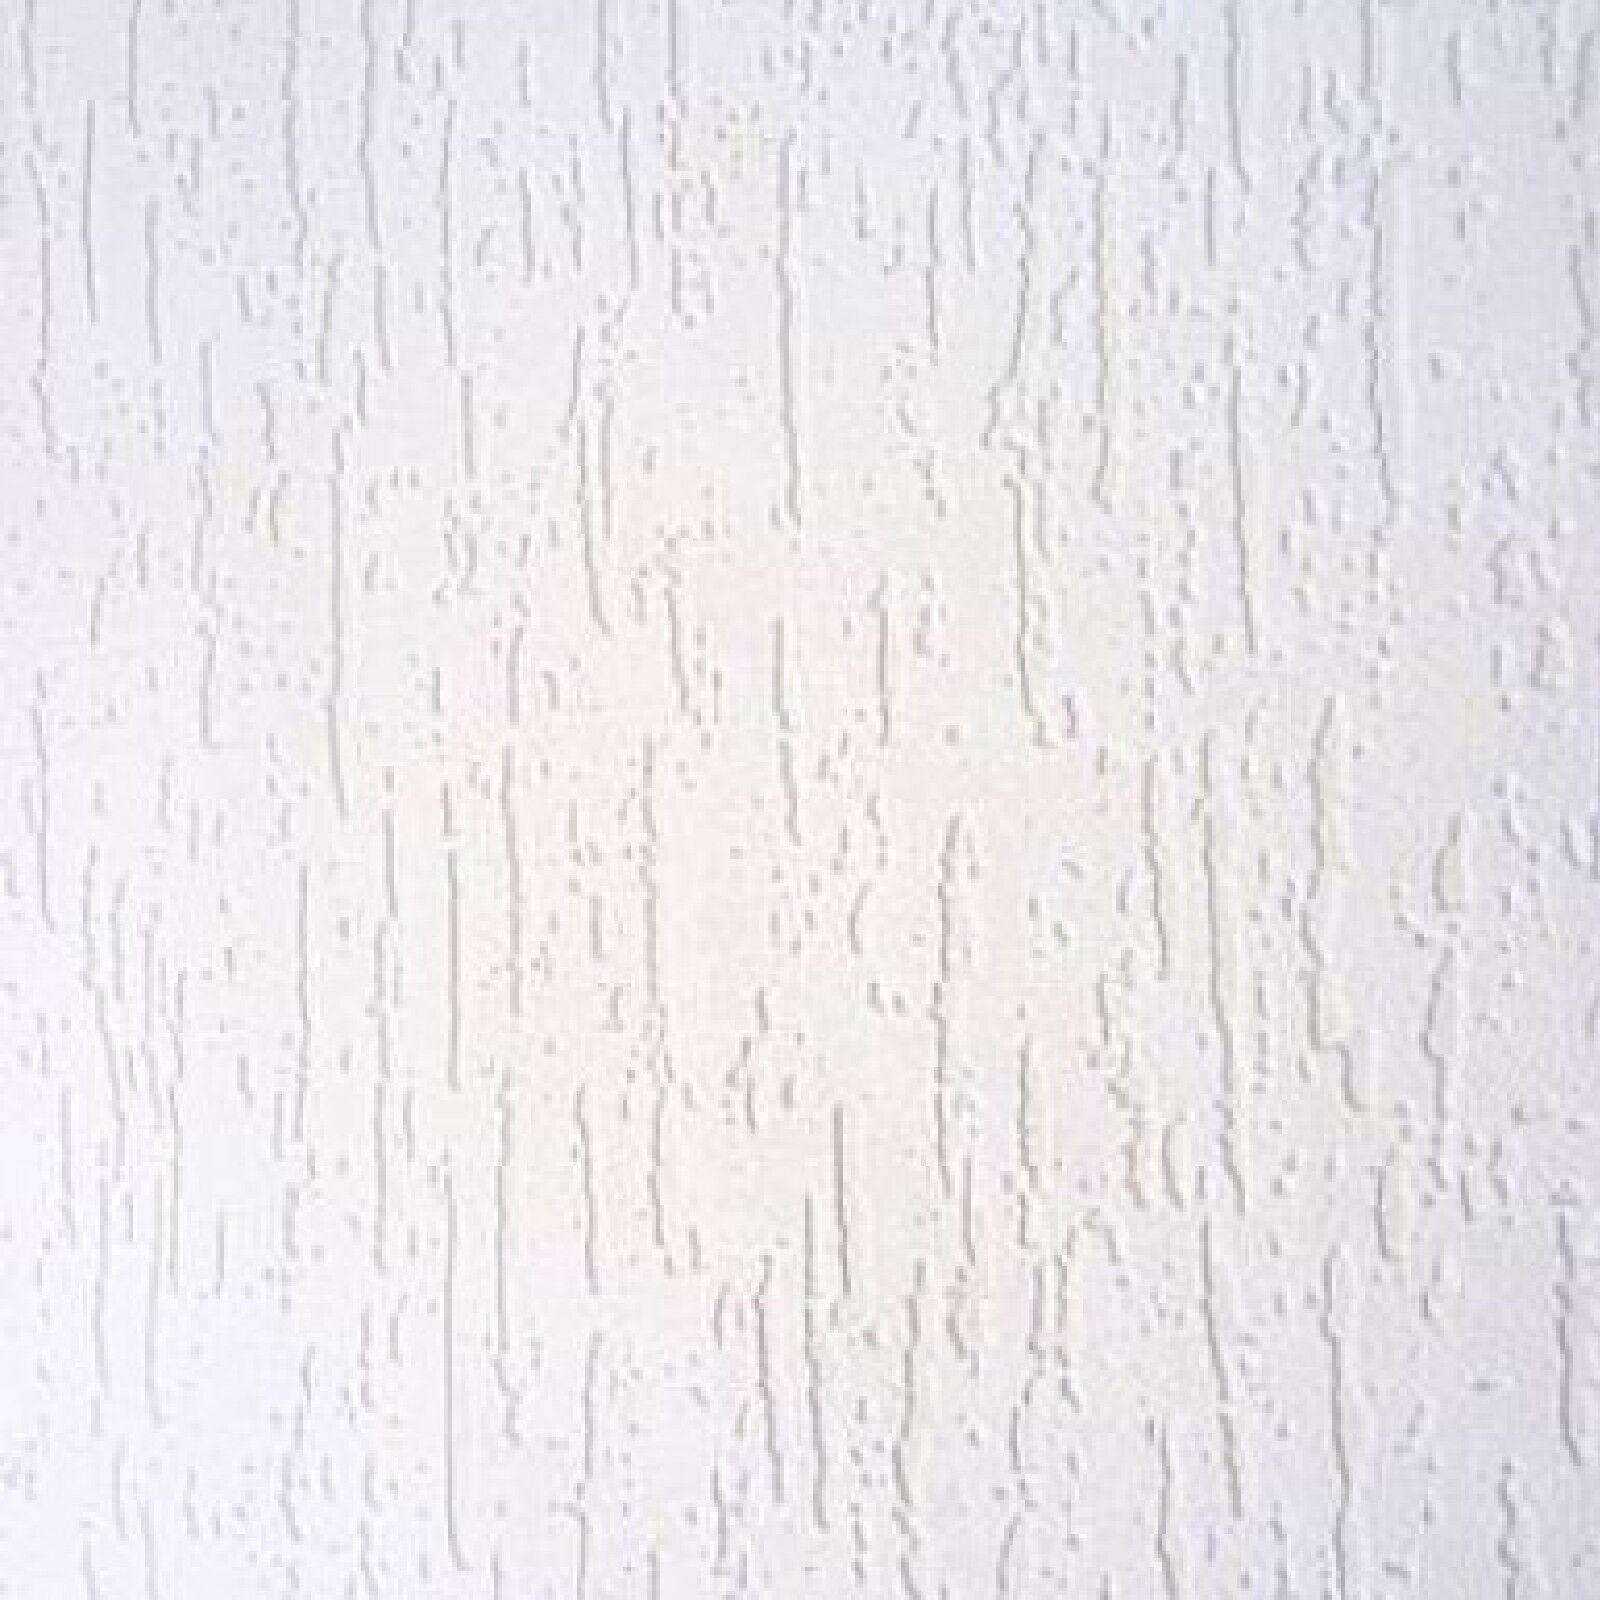 Carta Da Parati Verniciabile dettagli su anaglypta bianco soffiato vinile goffrato testurizzati  verniciabile parati 13